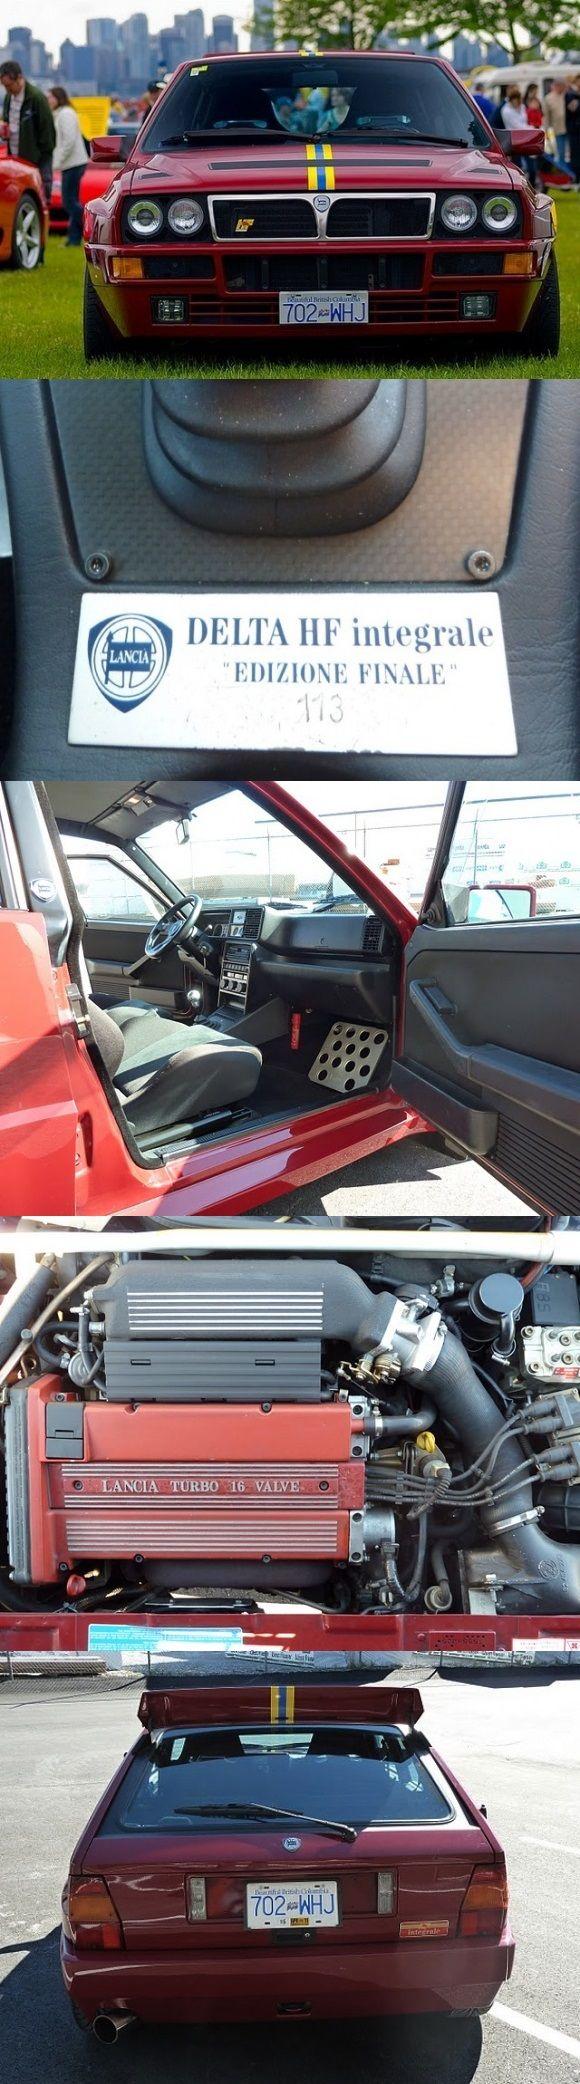 """... 1994 Lancia Delta Integrale Evo 2 """"Edizione Finale"""""""